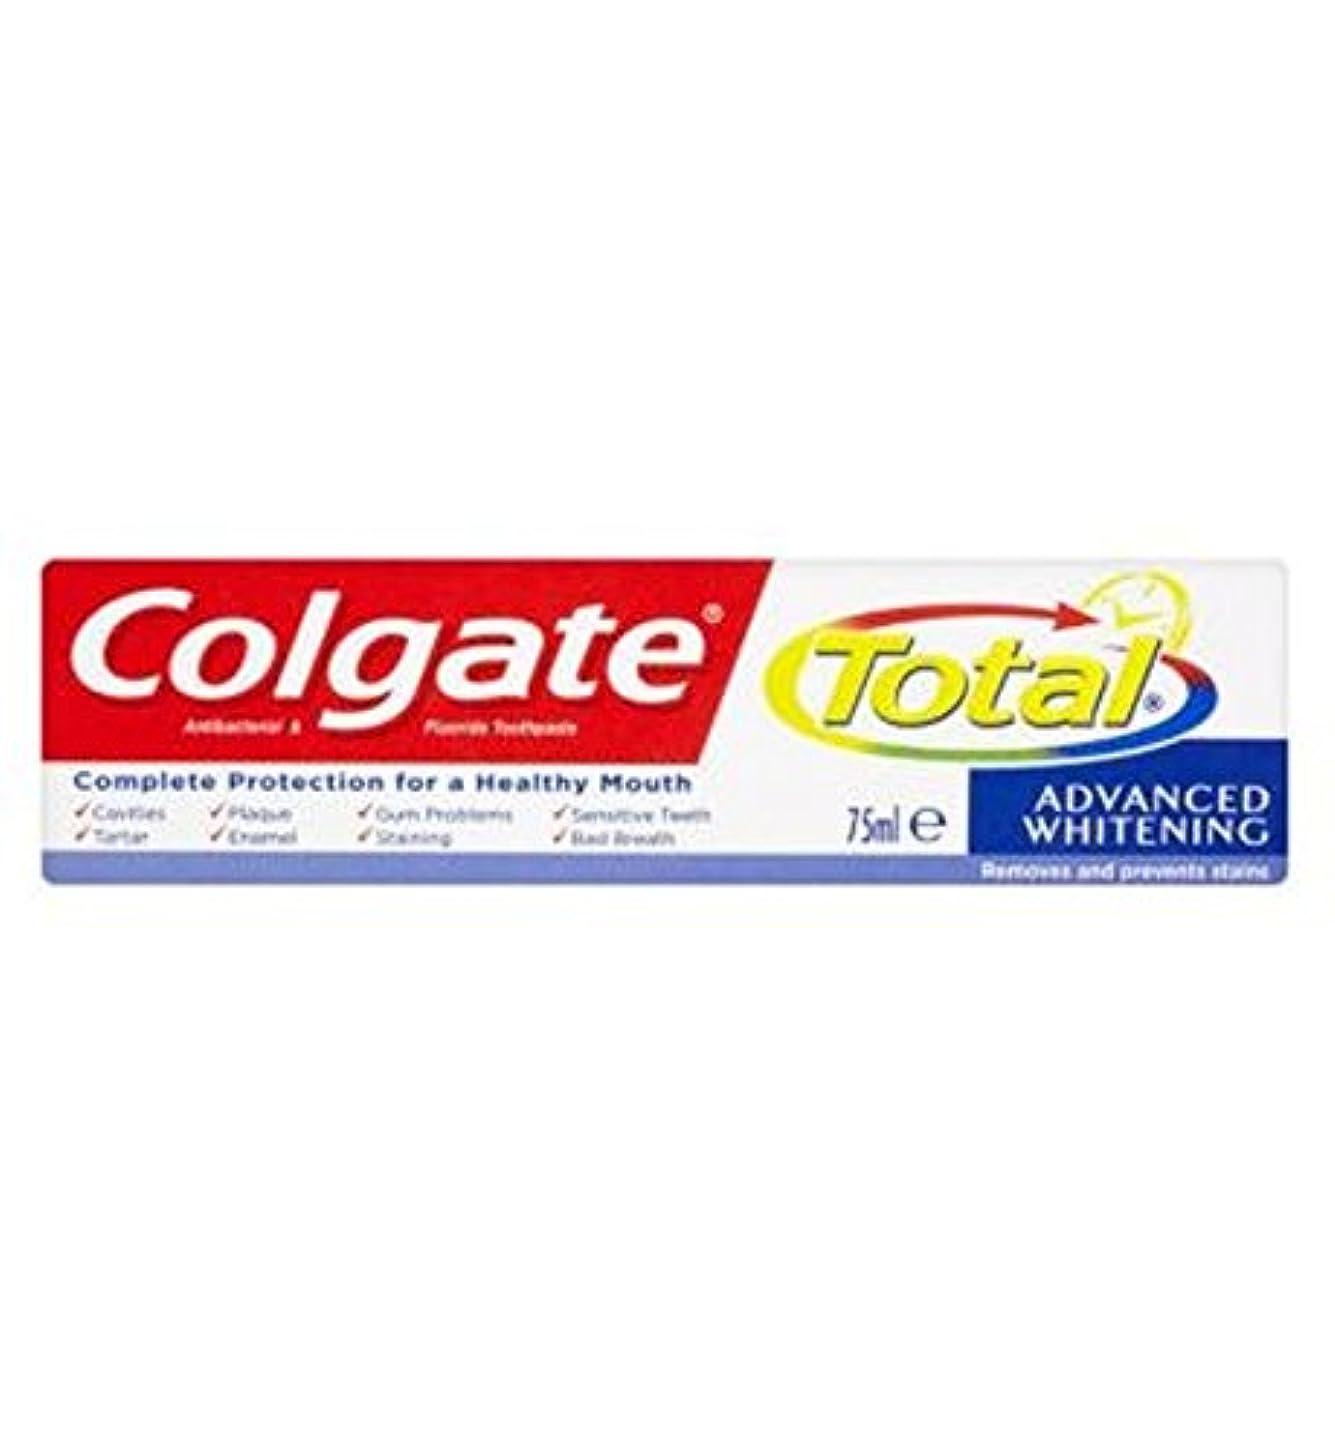 解放するグリップ対応するColgate Total Advanced Whitening toothpaste 75ml - コルゲートトータル高度なホワイトニング歯磨き粉75ミリリットル (Colgate) [並行輸入品]